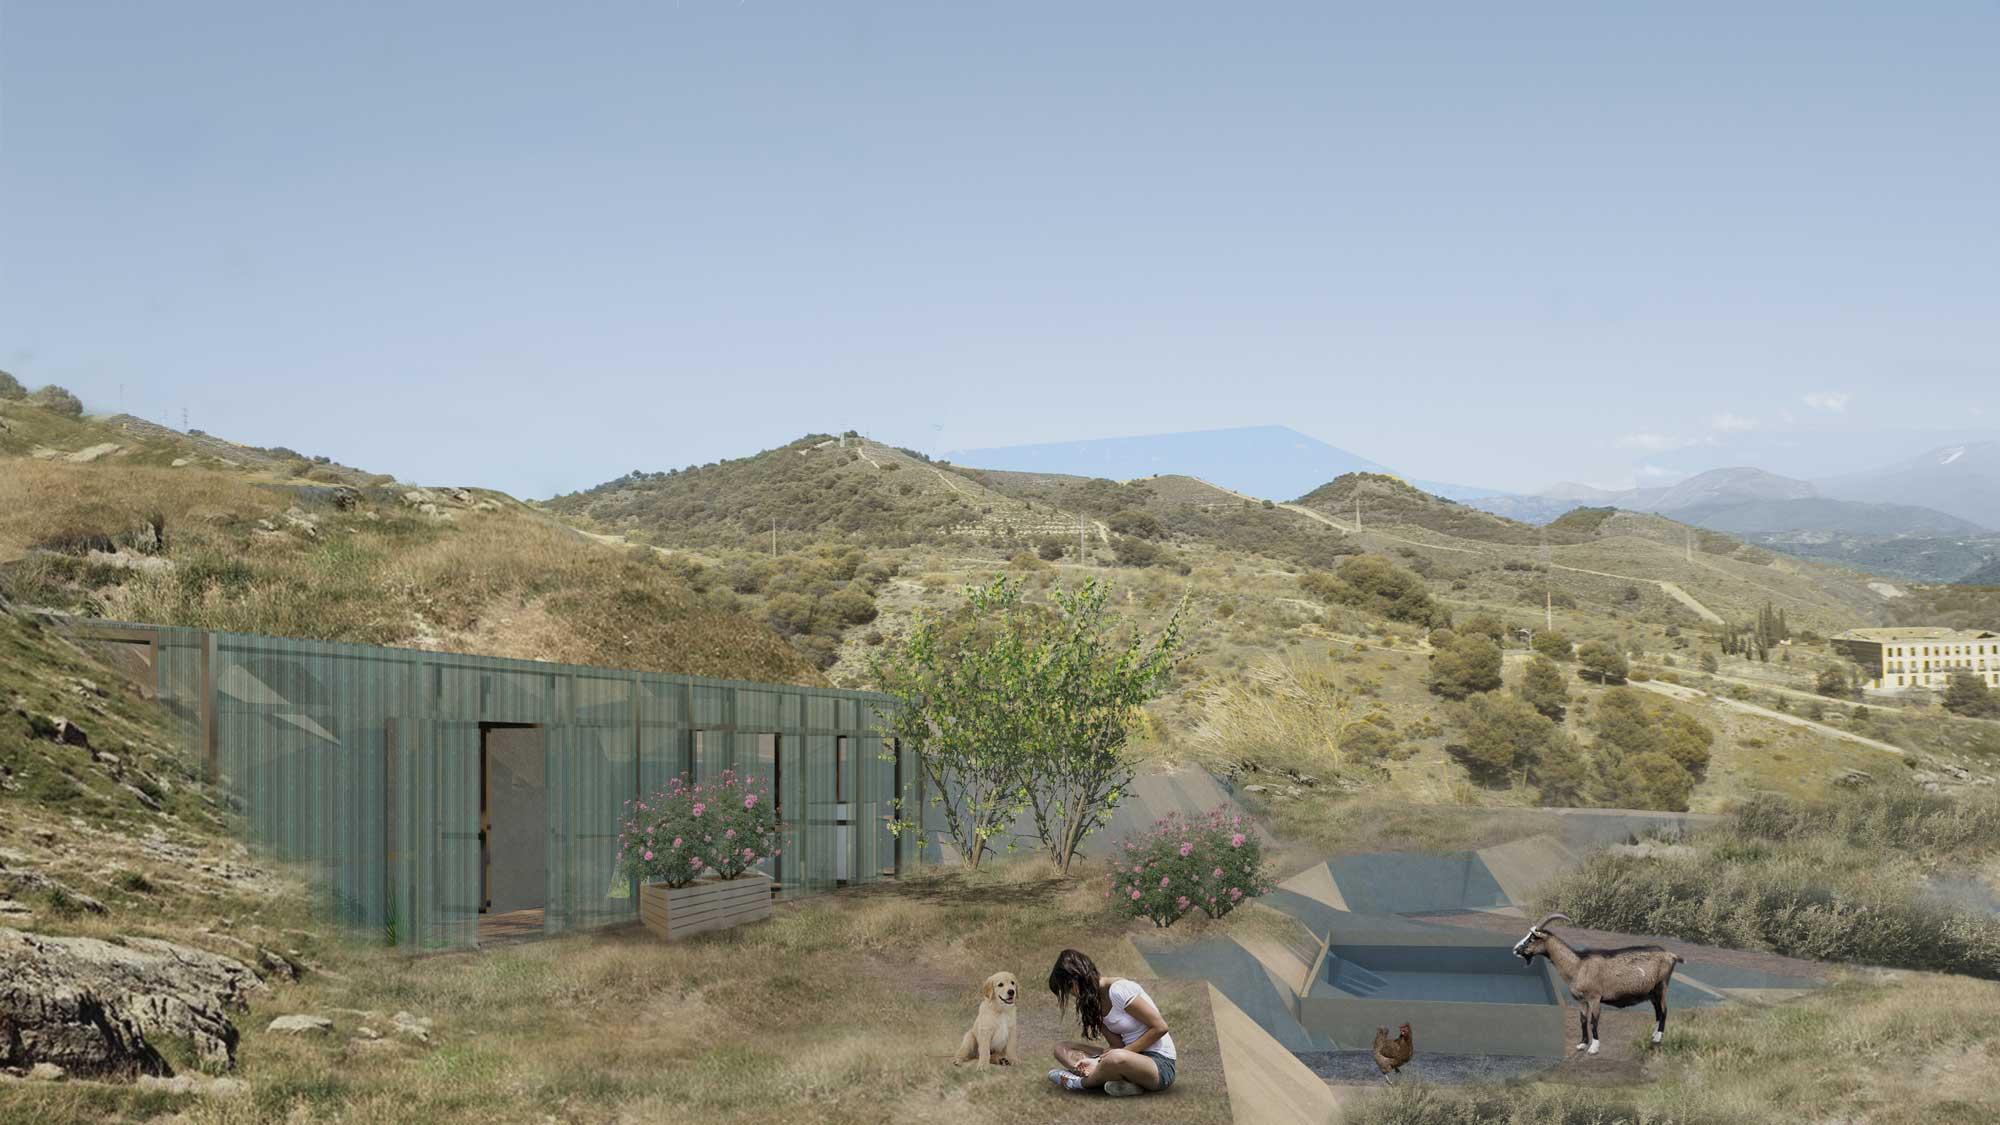 MI CASA TROGLODITA: Adecuación de una casa cueva sostenible en el Sacromonte